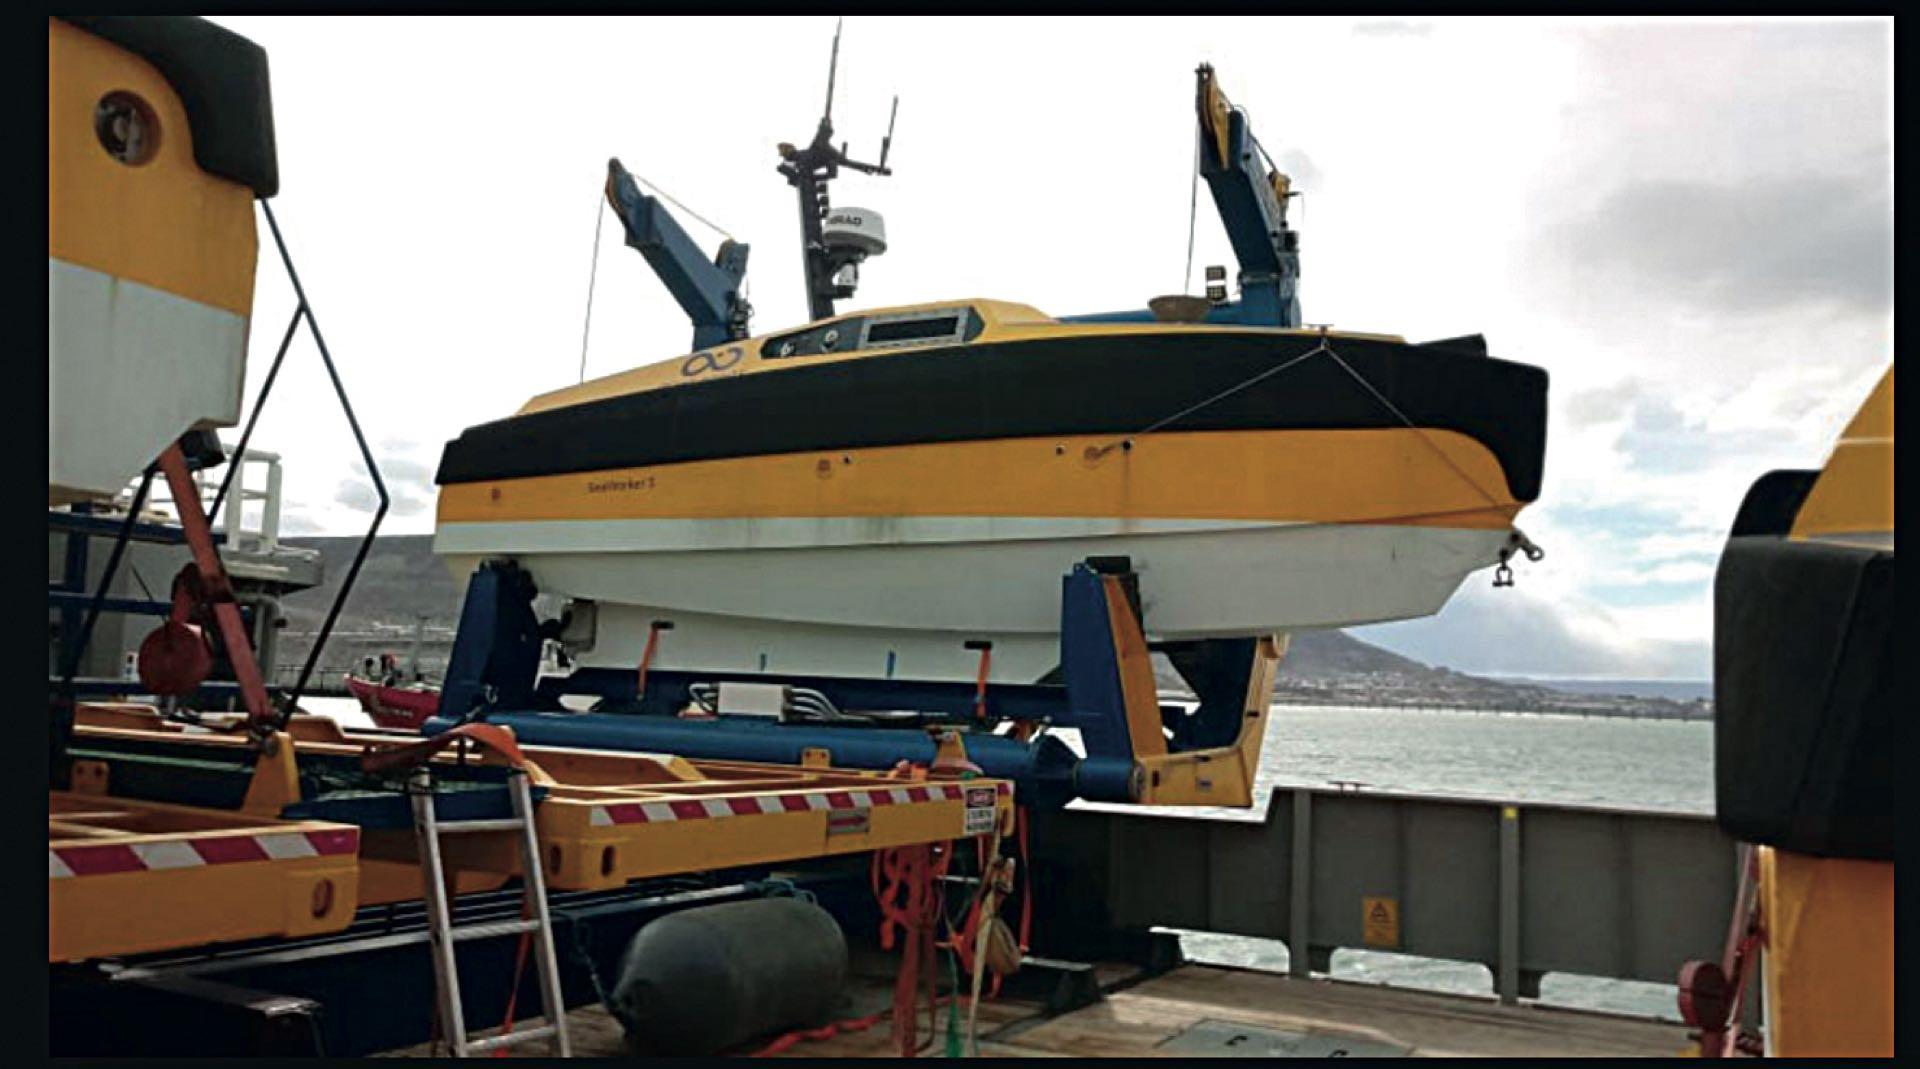 El buque de bandera noruega lleva cinco AUV (vehículos submarinos autónomos), que permiten rastrillajes en inmersión de hasta seis mil metros.